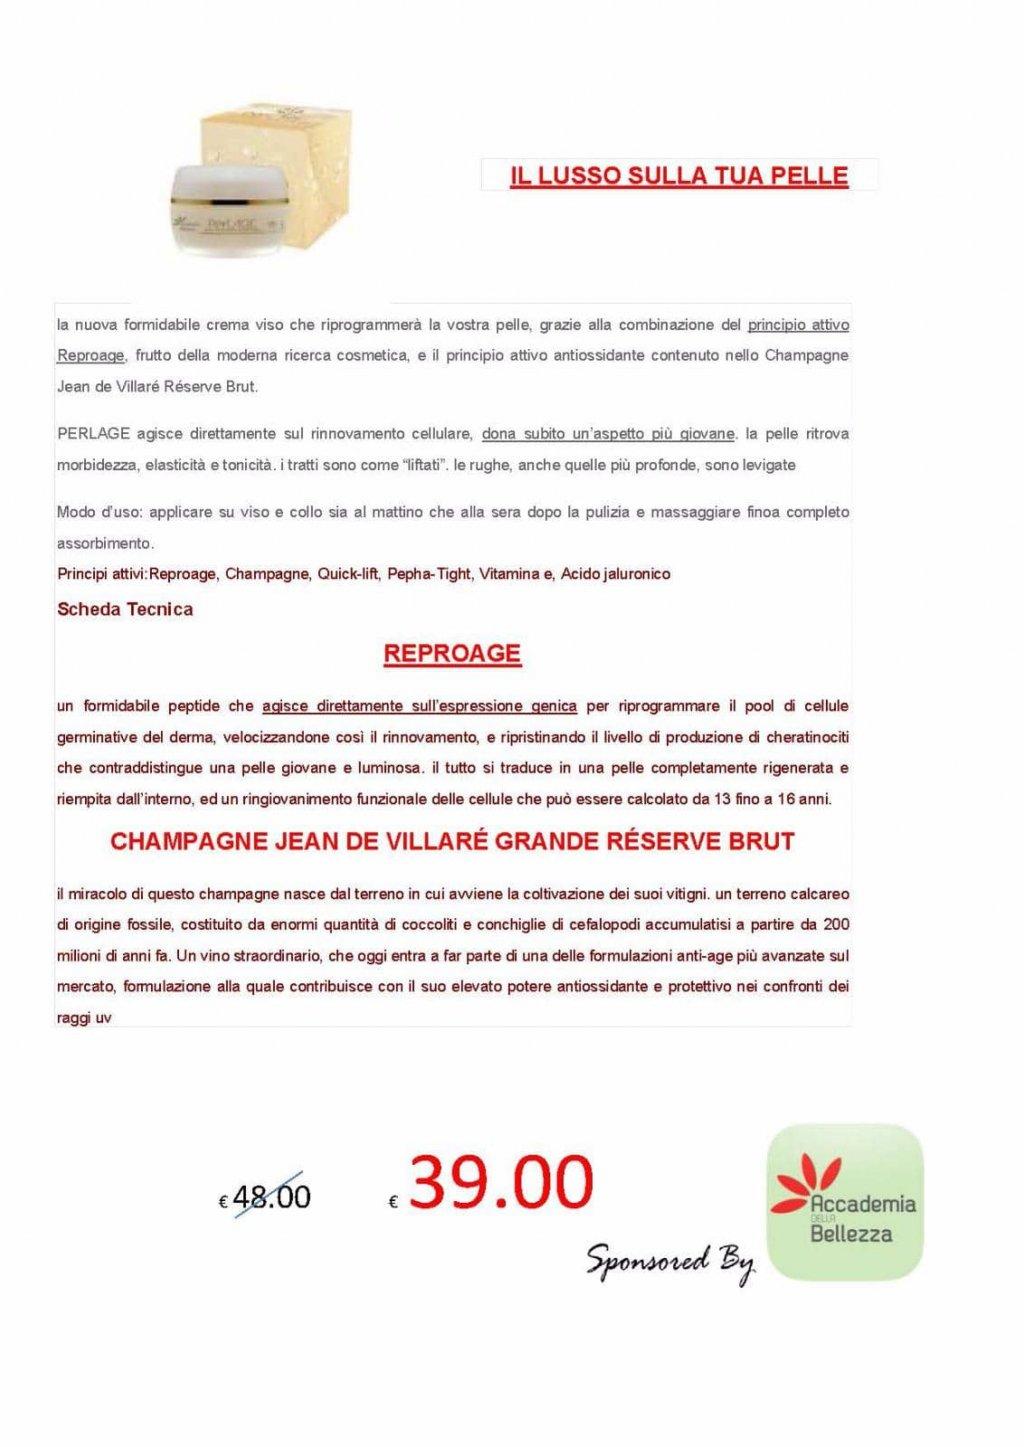 Sconto 20% Perlage | Equipe Hair - Vitalizza Institute | Jesi, Via Garibaldi, 41 | Tel. 3286812986 | Offerta valida fino al 20/12/17